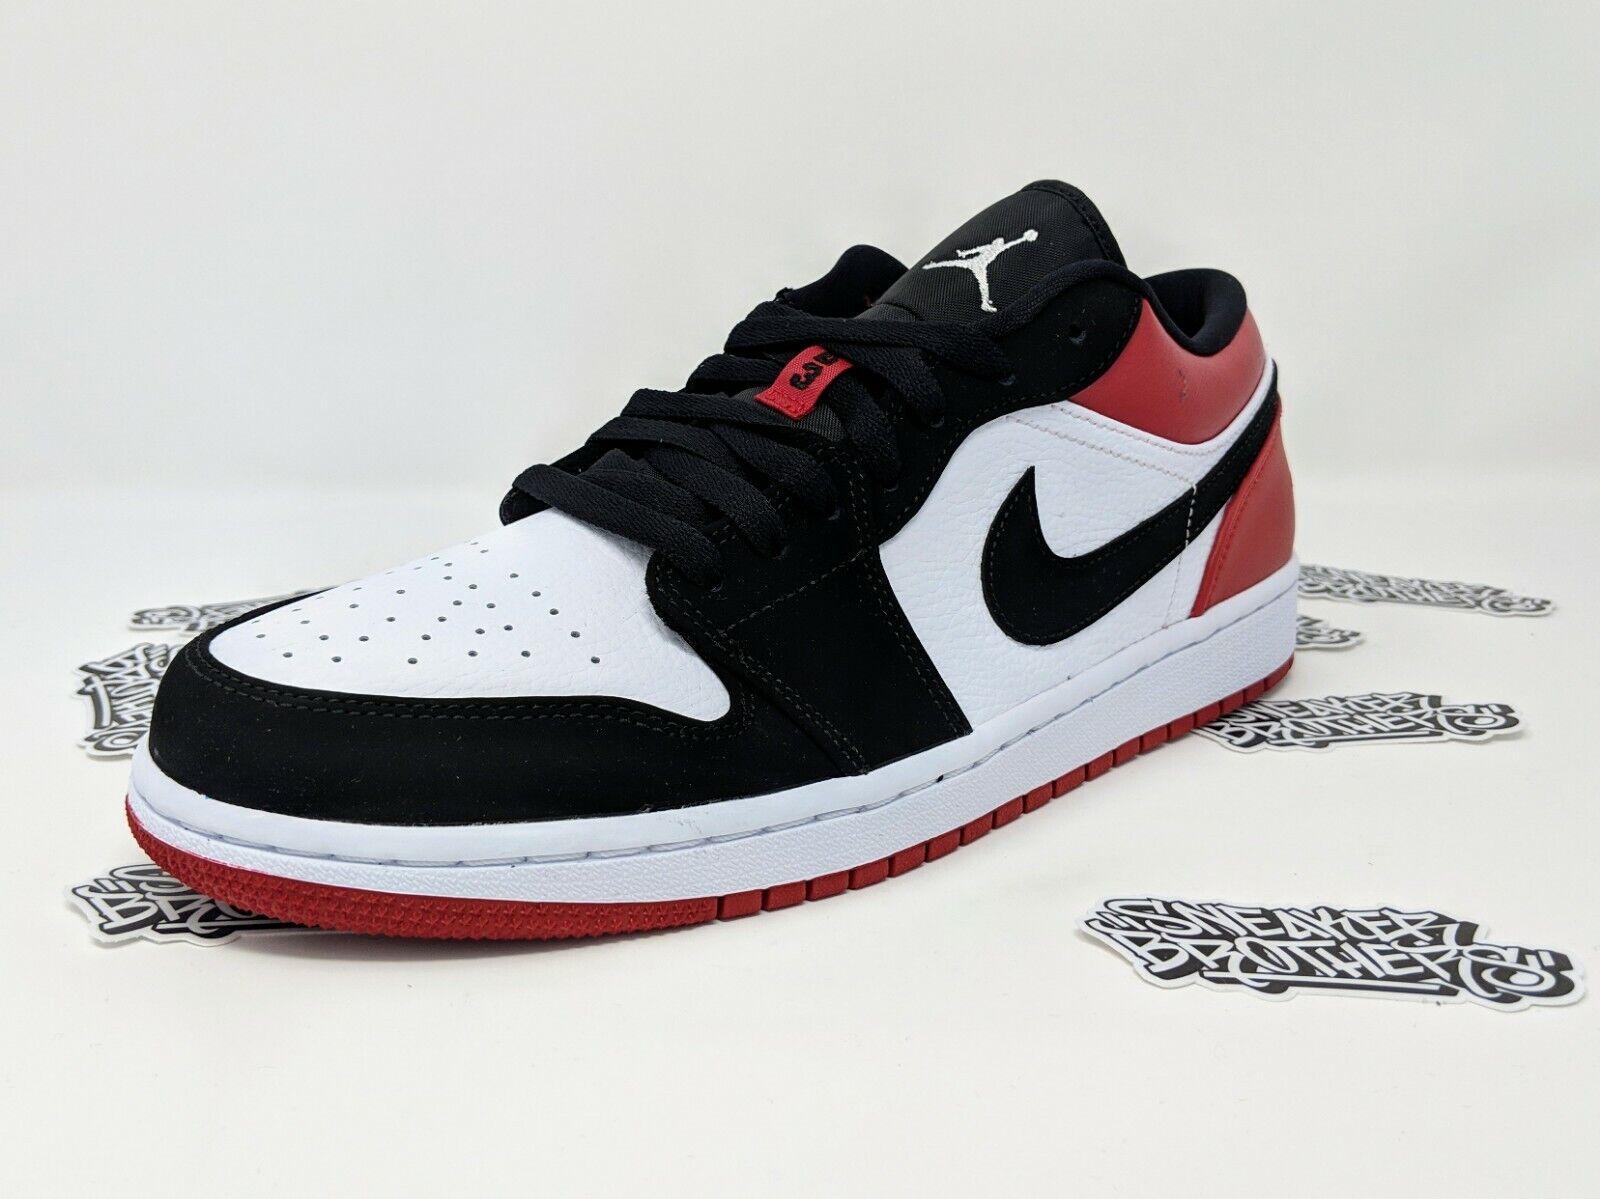 designer fashion 91b06 dca57 Nike Air Jordan Retro I 1 Low SB Black Toe Toe Toe White Gym Red Men s